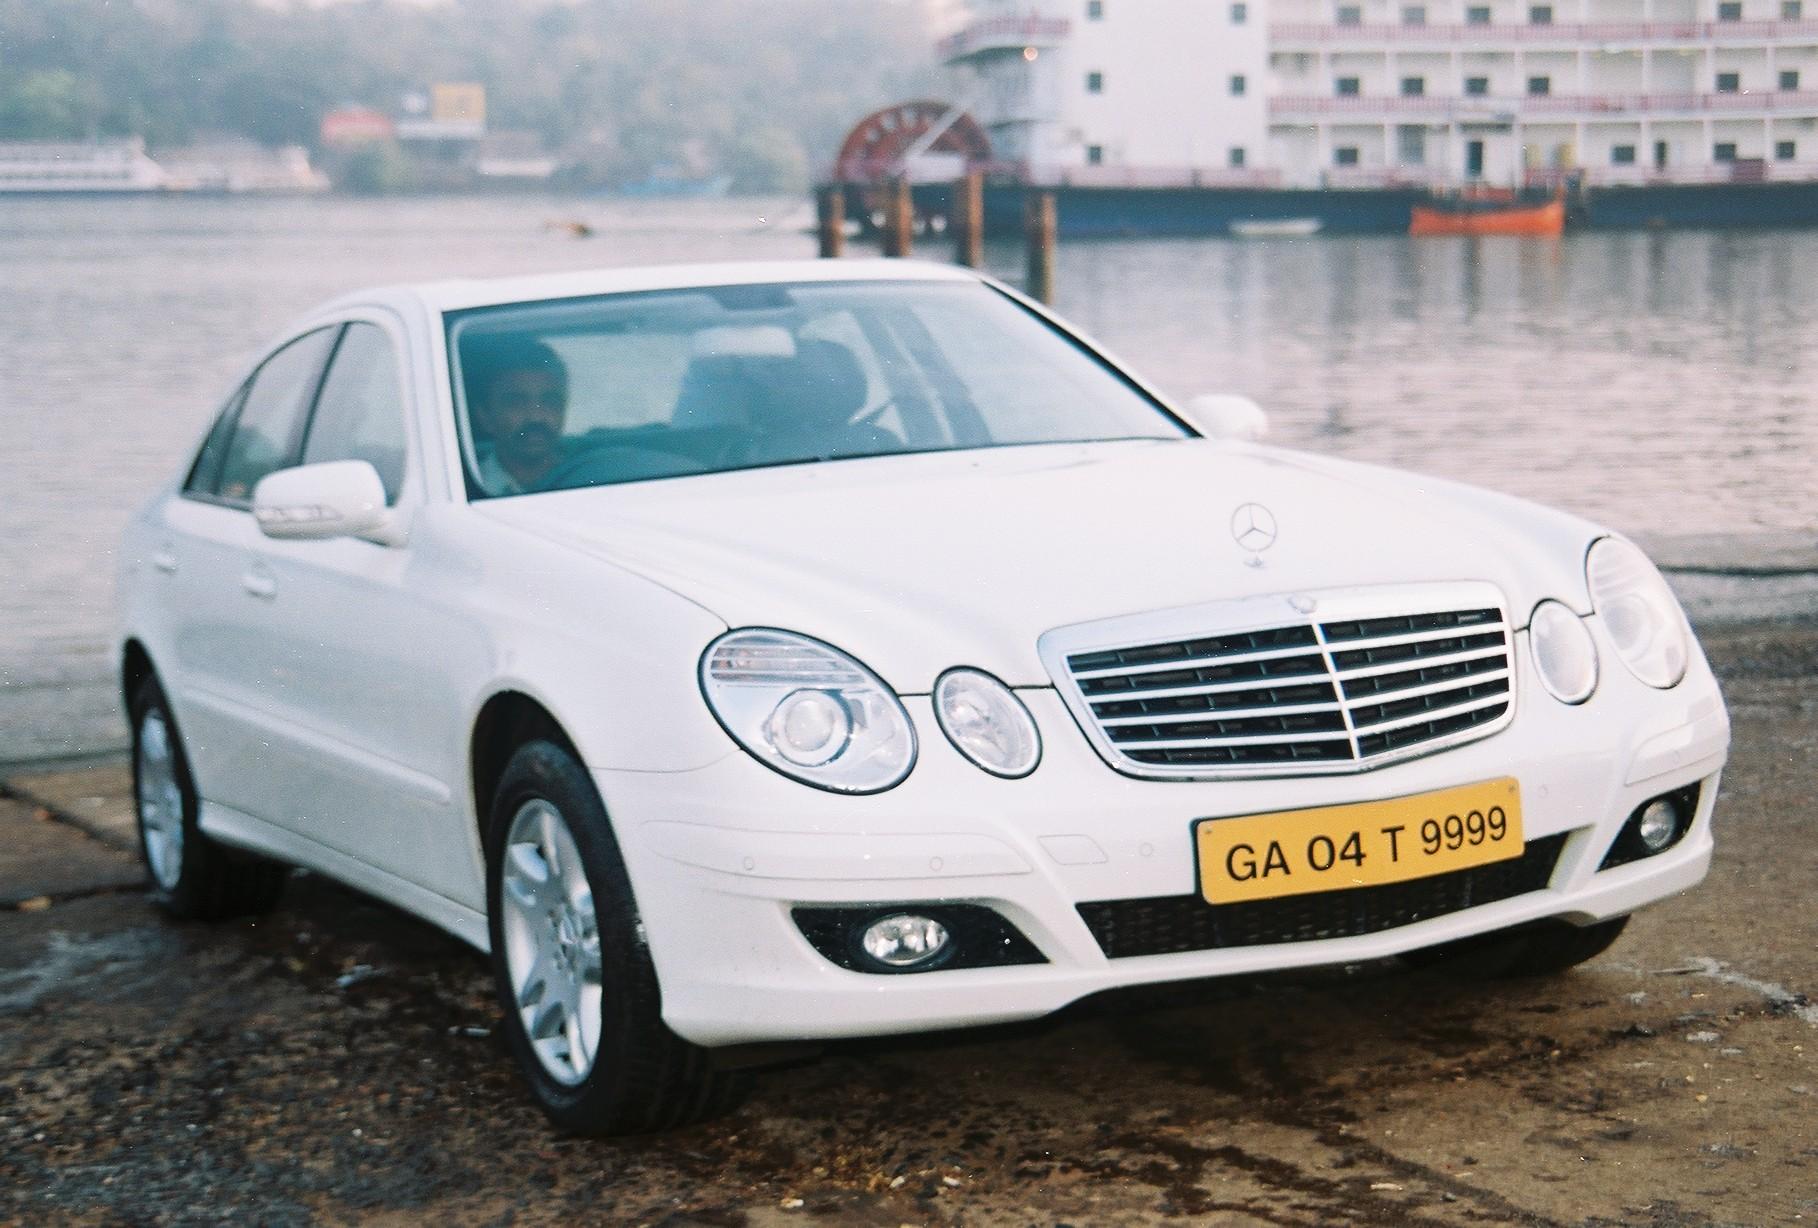 Car Coach Rental Goanwedding Com